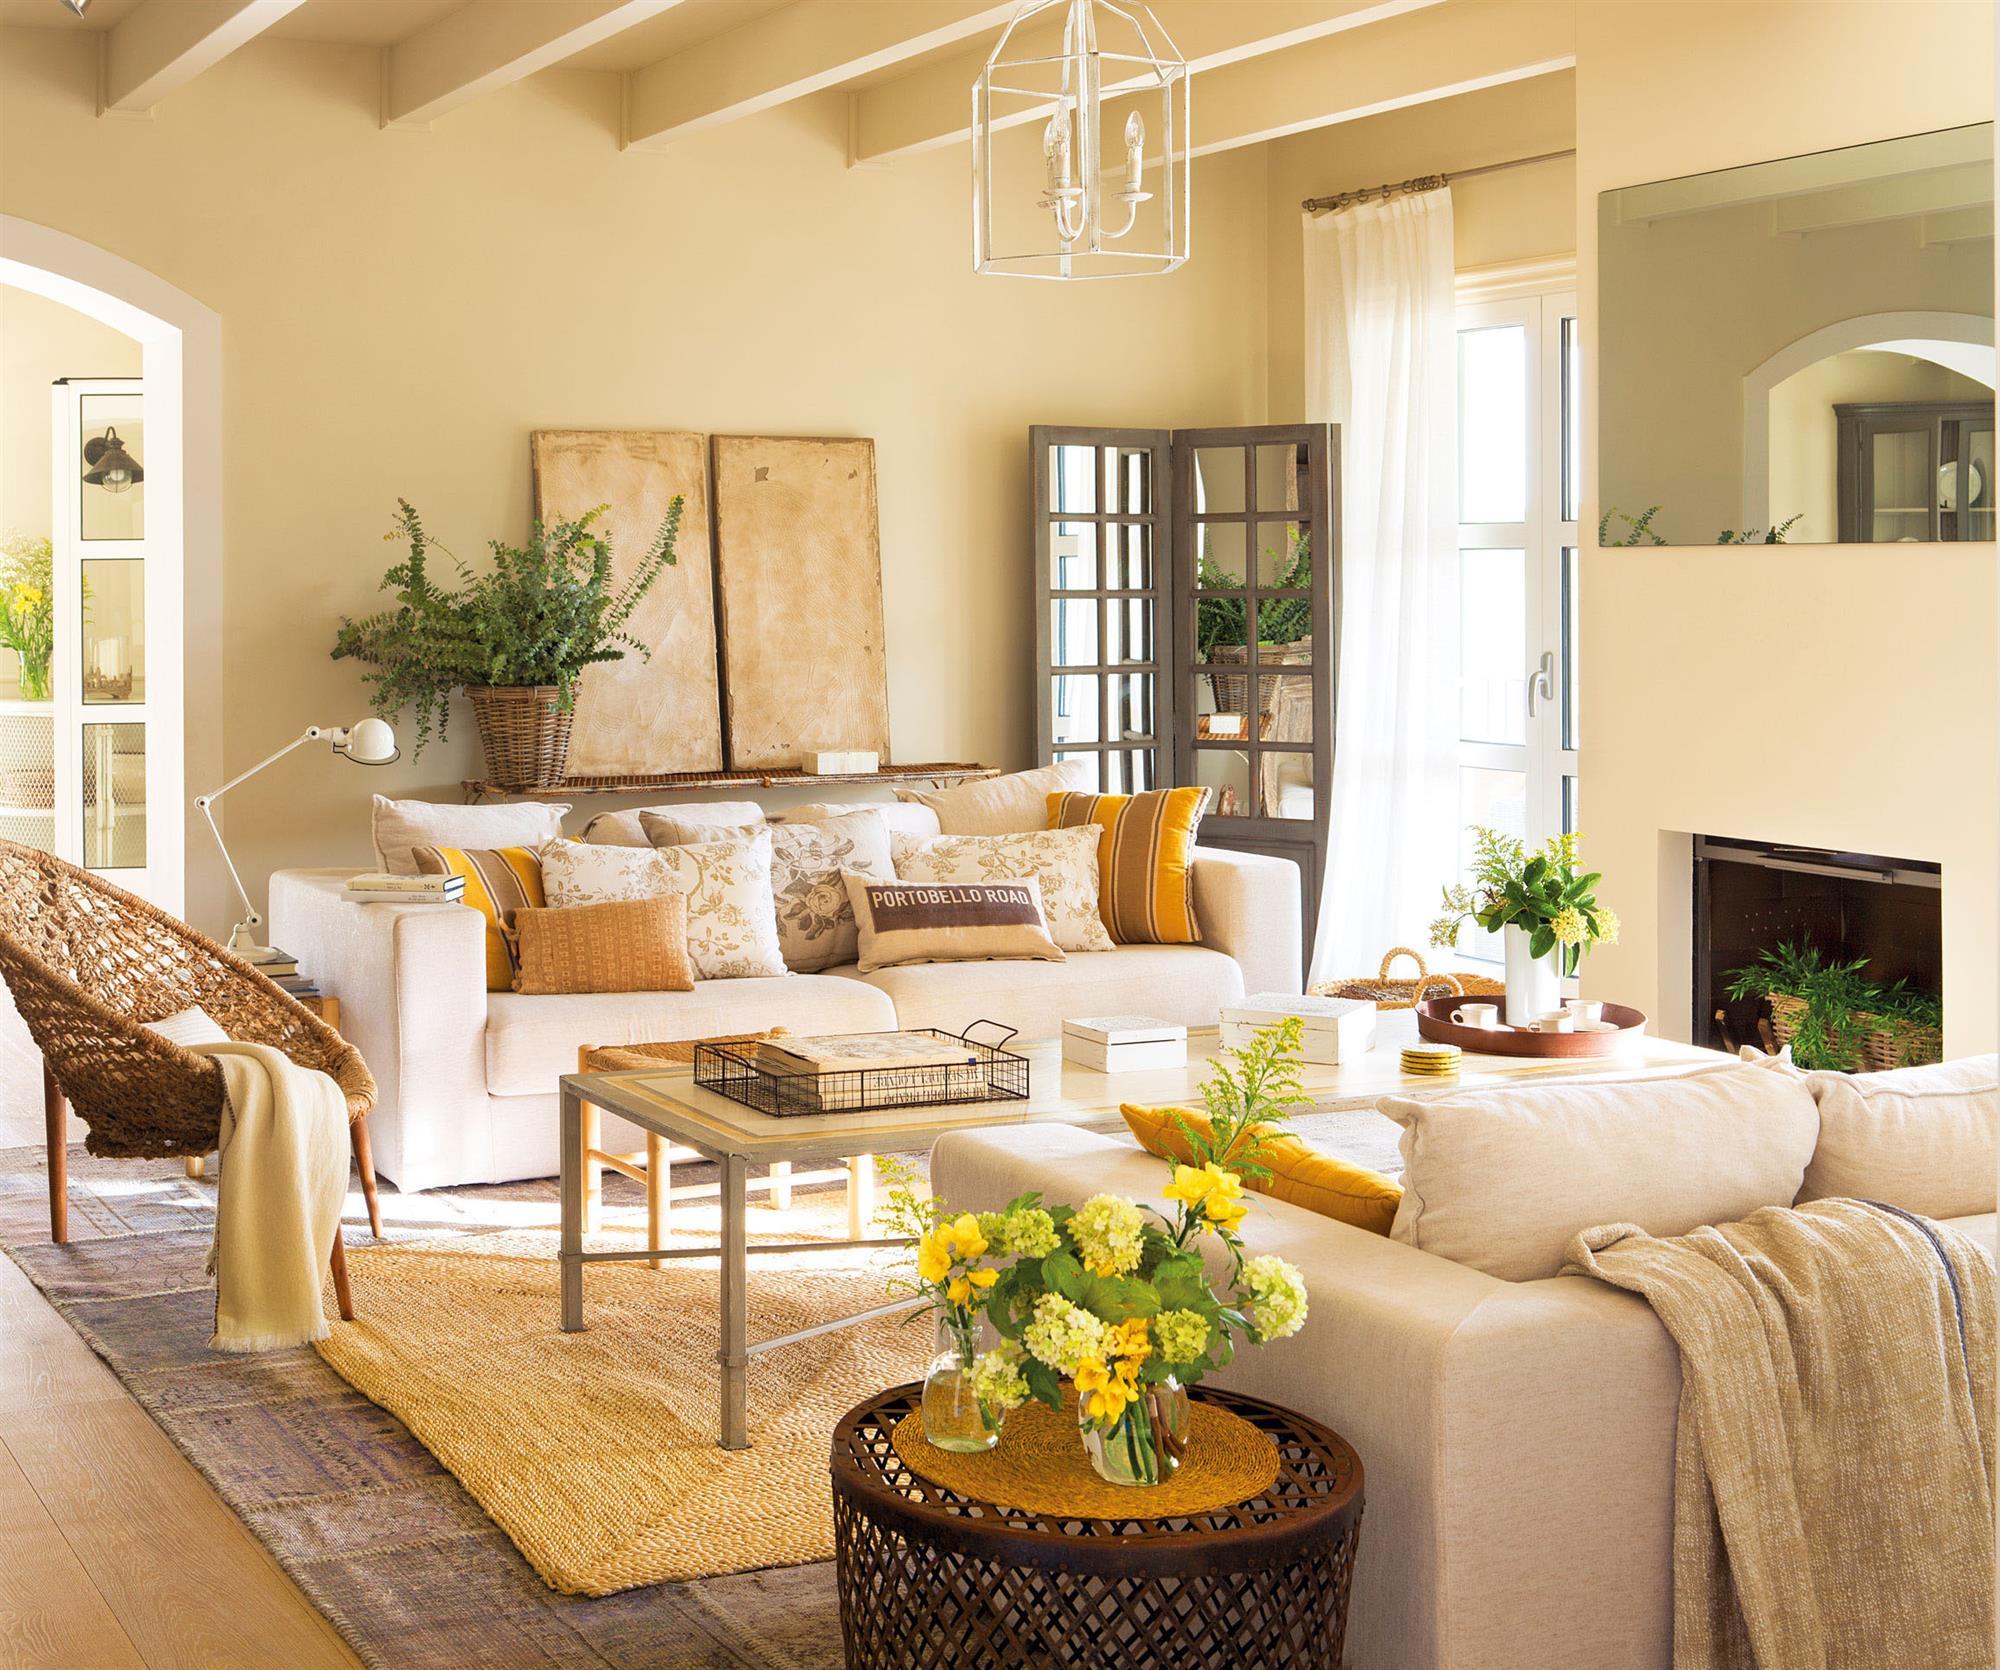 Butacas Sillones Y Butacas C Modas Para Tu Casa Elmueble # Muebles Doble Funcionalidad